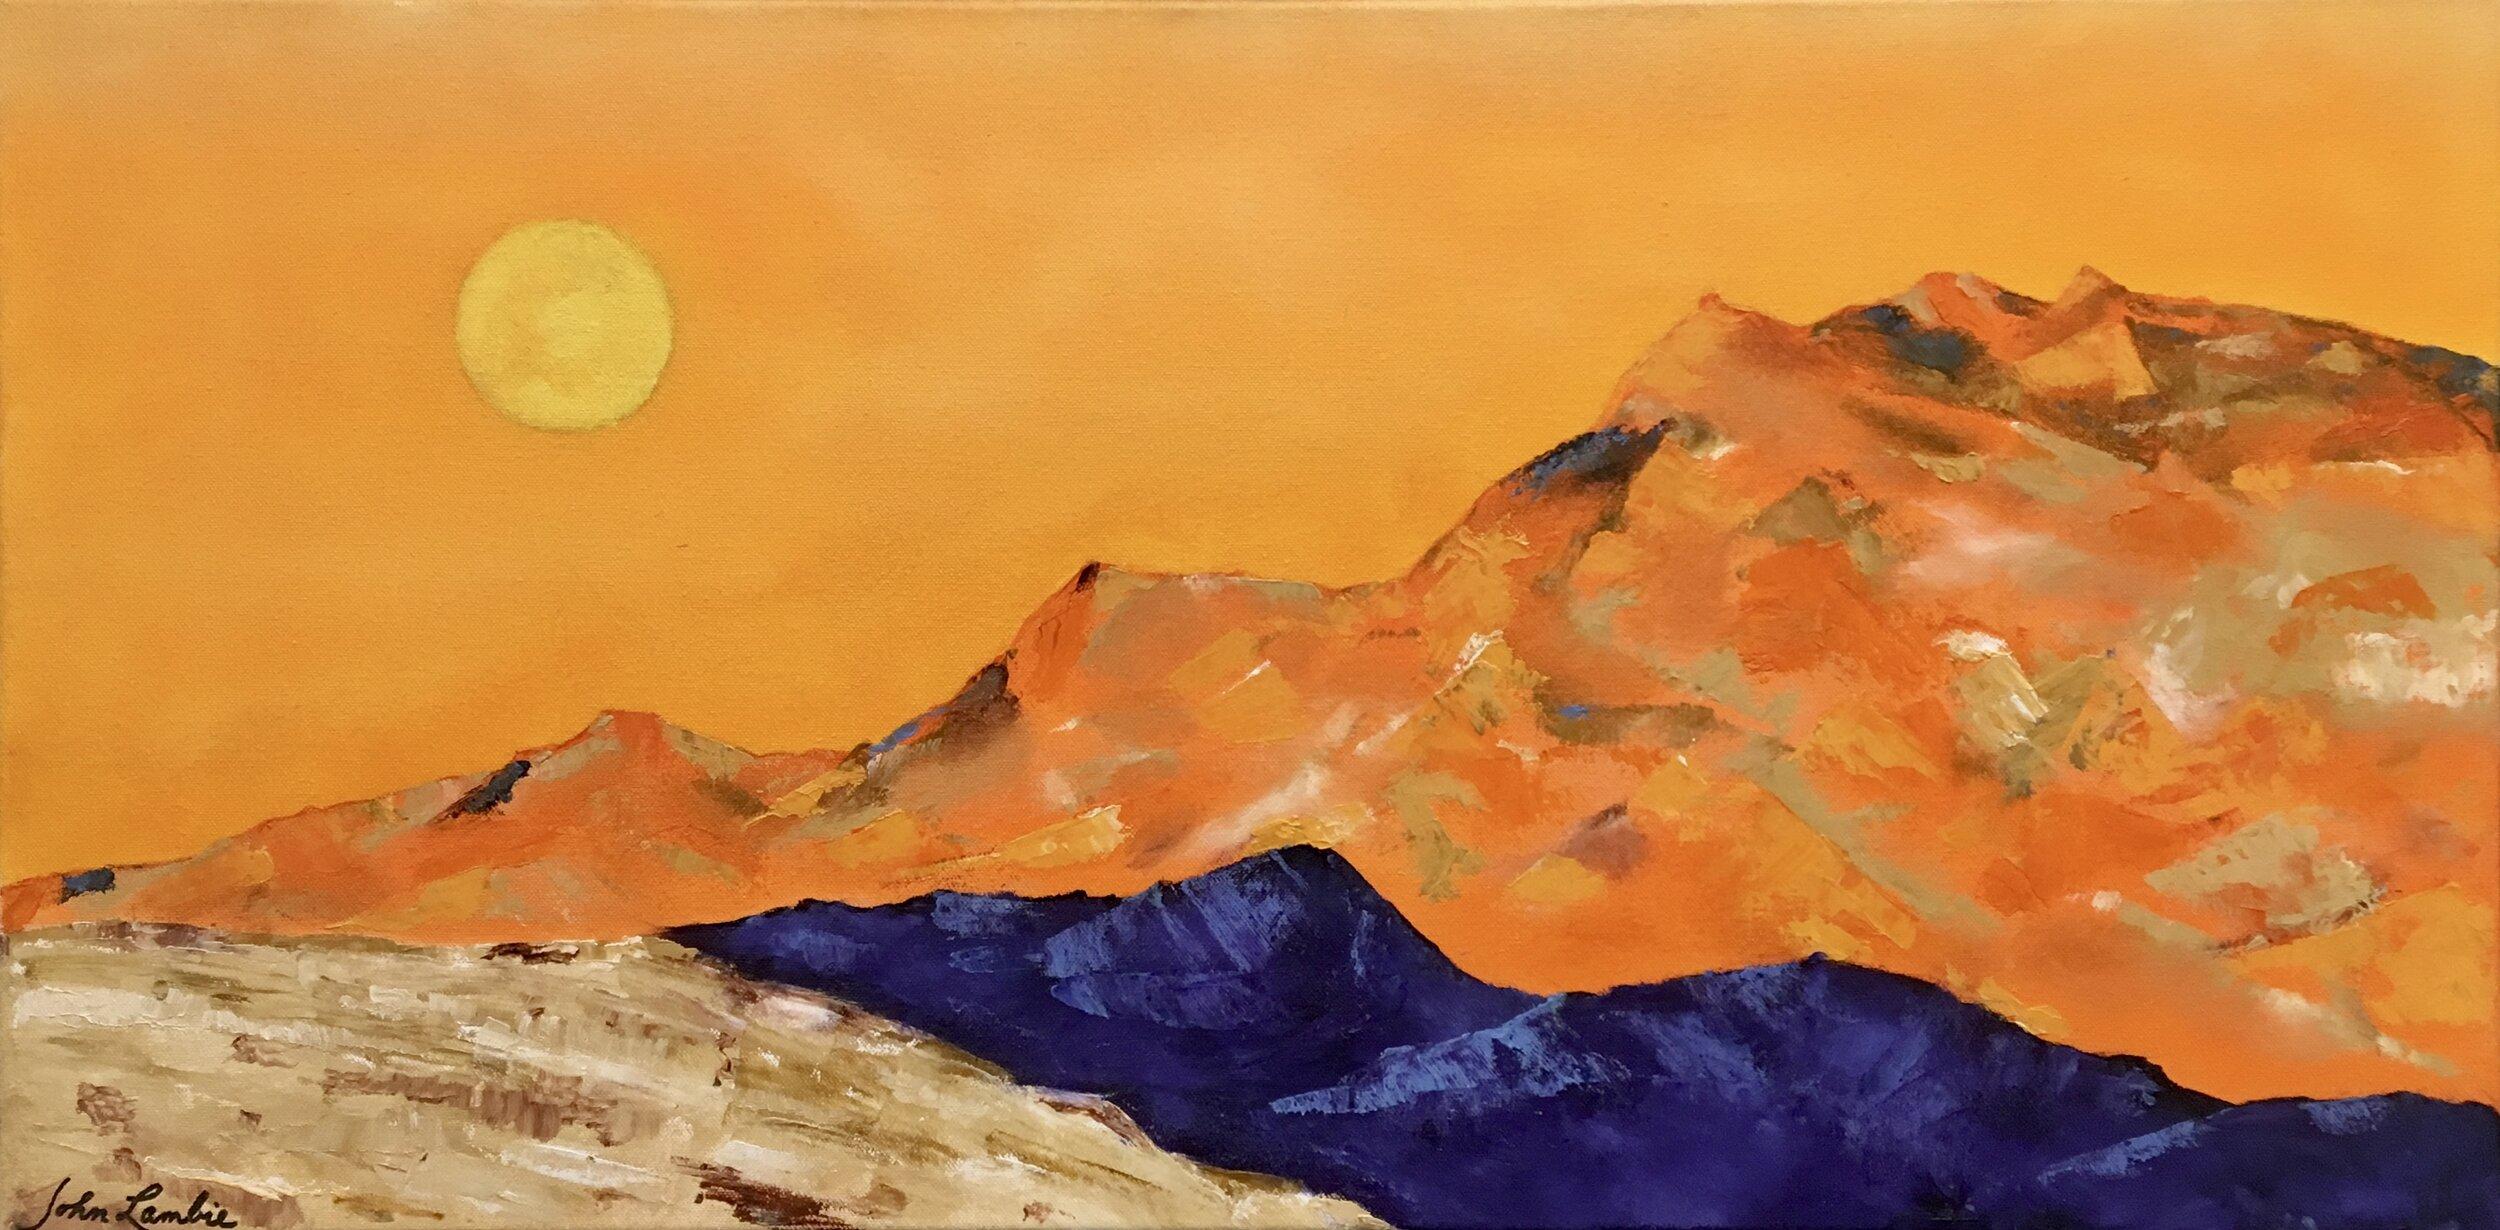 Desert Moon, Oil on Acrylic